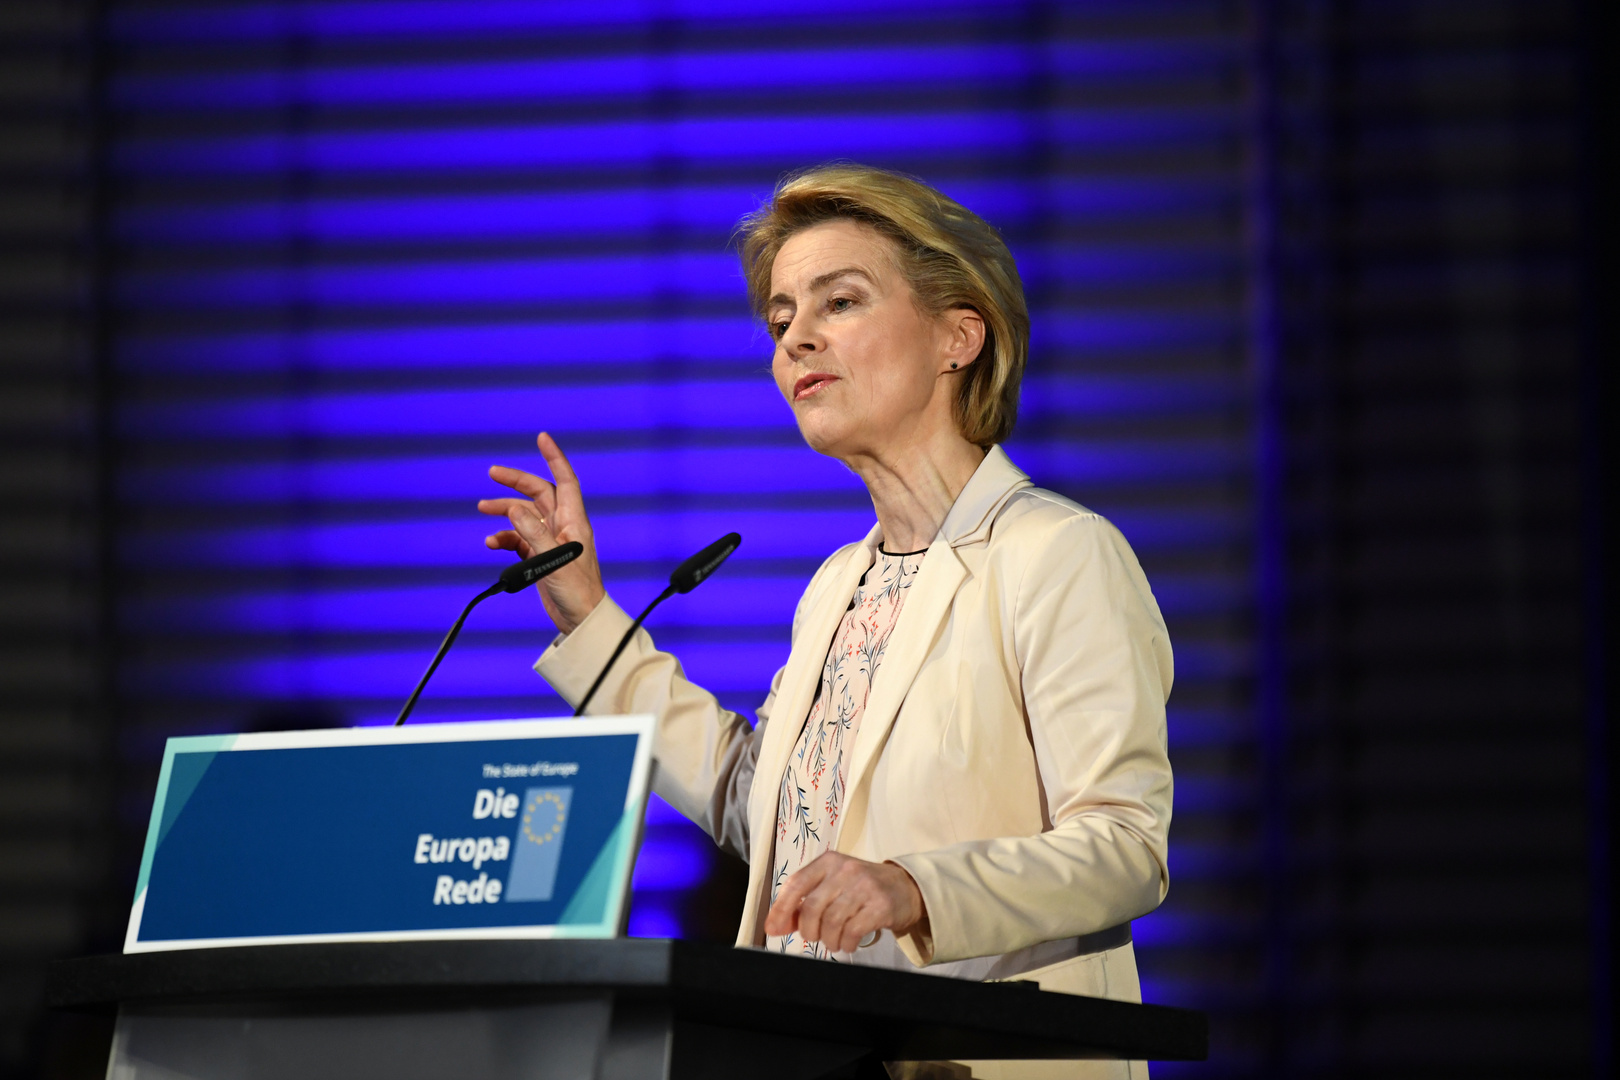 الرئيسة الجديدة للمفوضية الأوروبية، أورسولا فون دير لاين